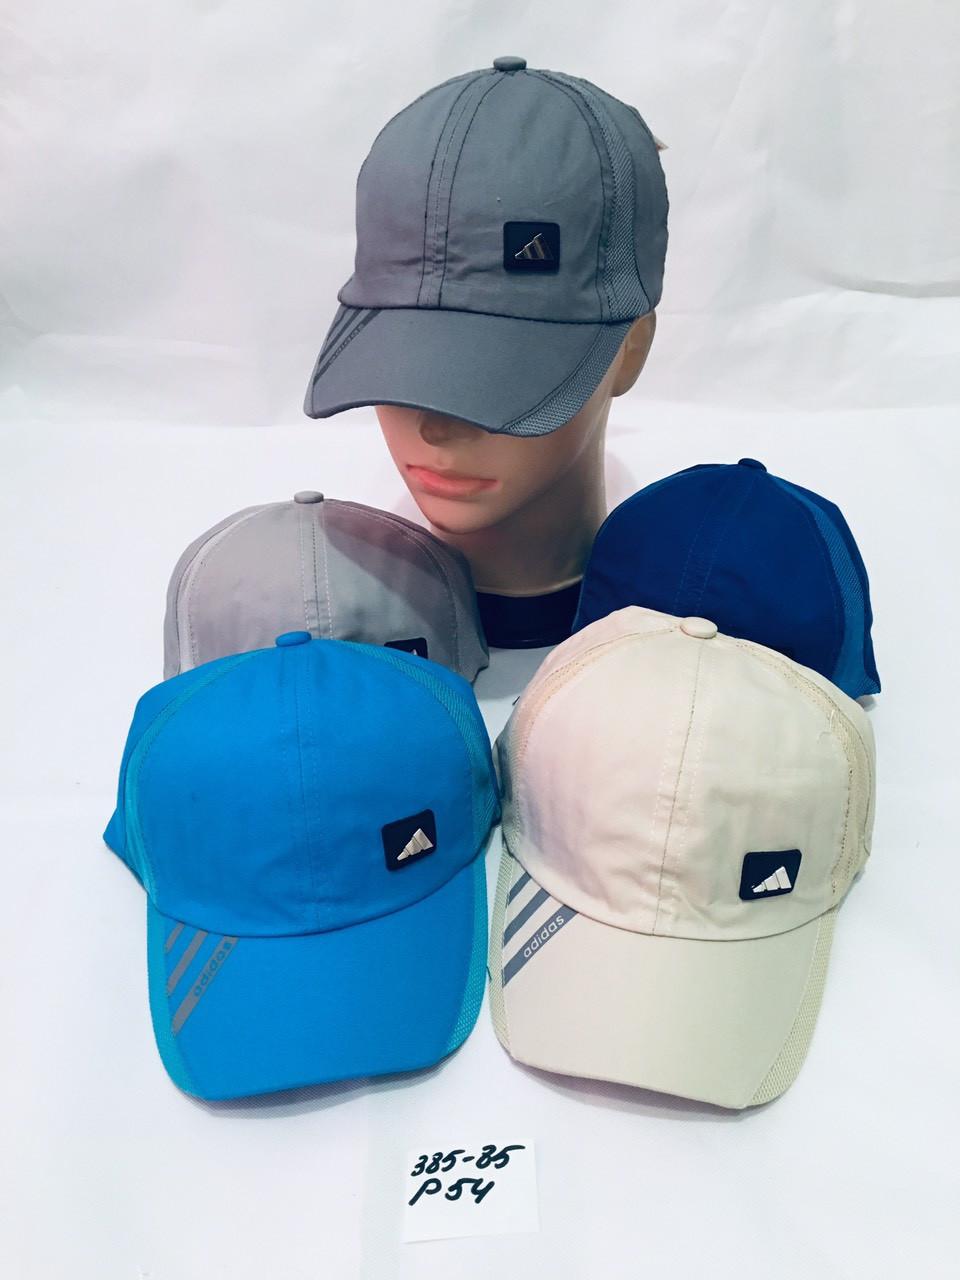 Летняя кепка для мальчика Adidas р.54